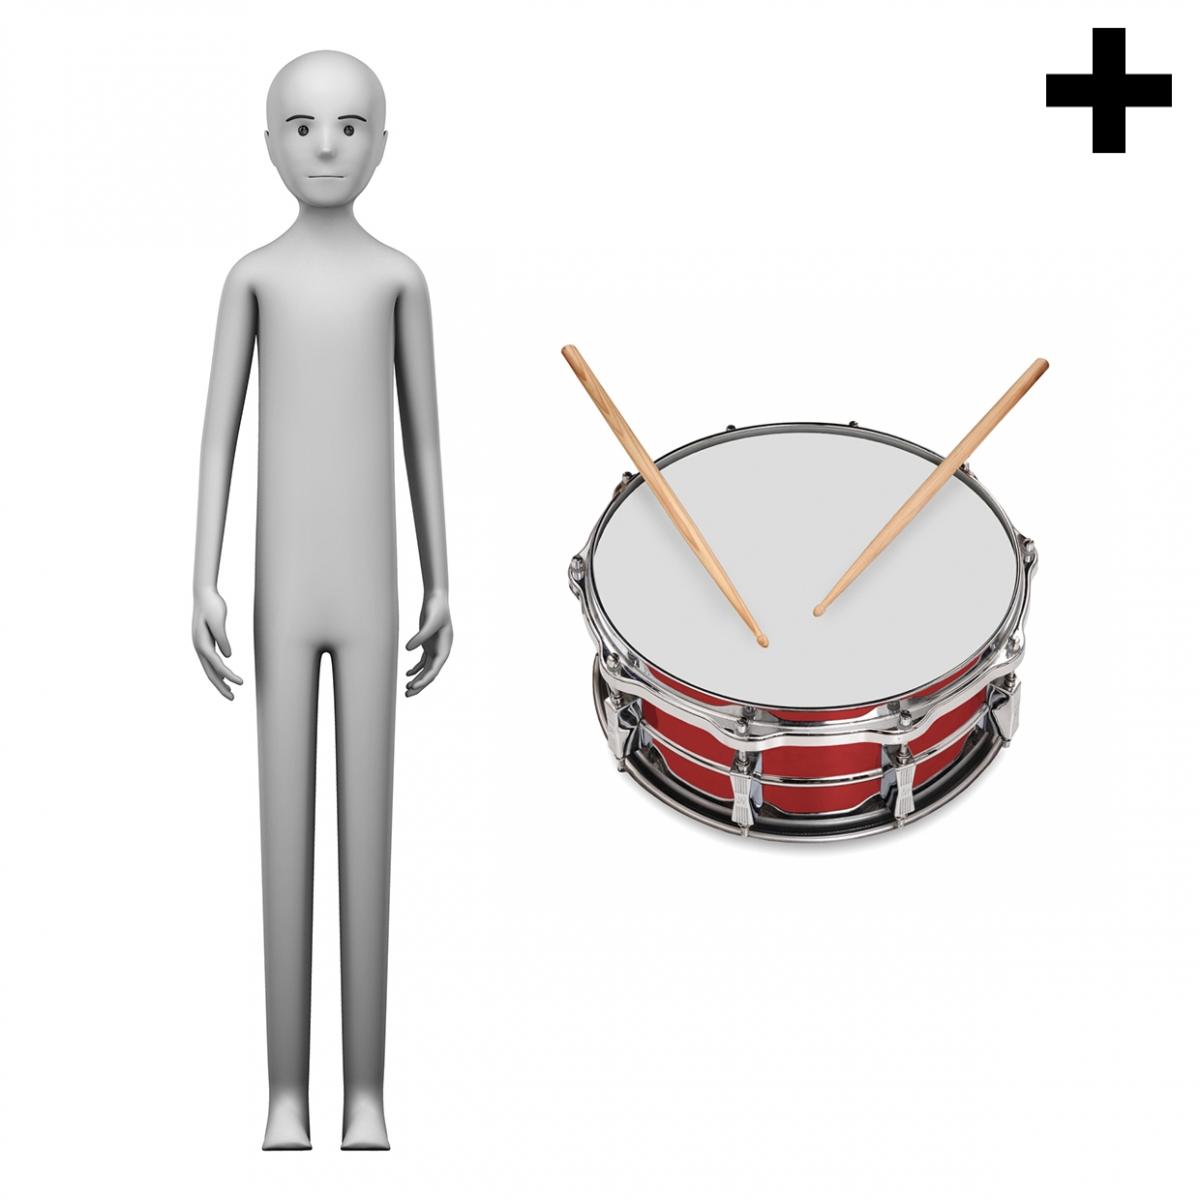 Imagen en la que se ve el plural del concepto tamborilero o tamborilera